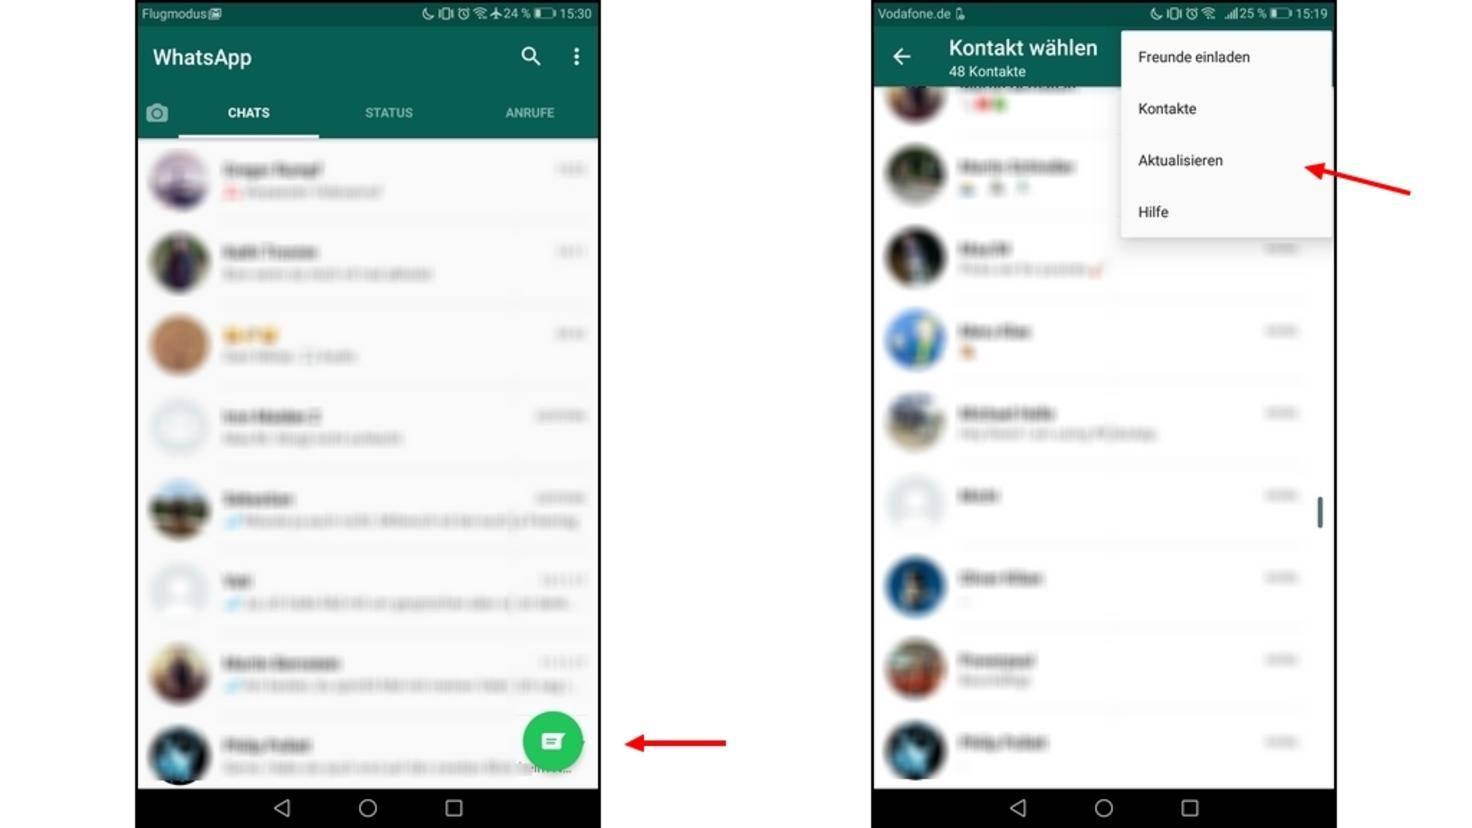 whatsapp kontakte löschen